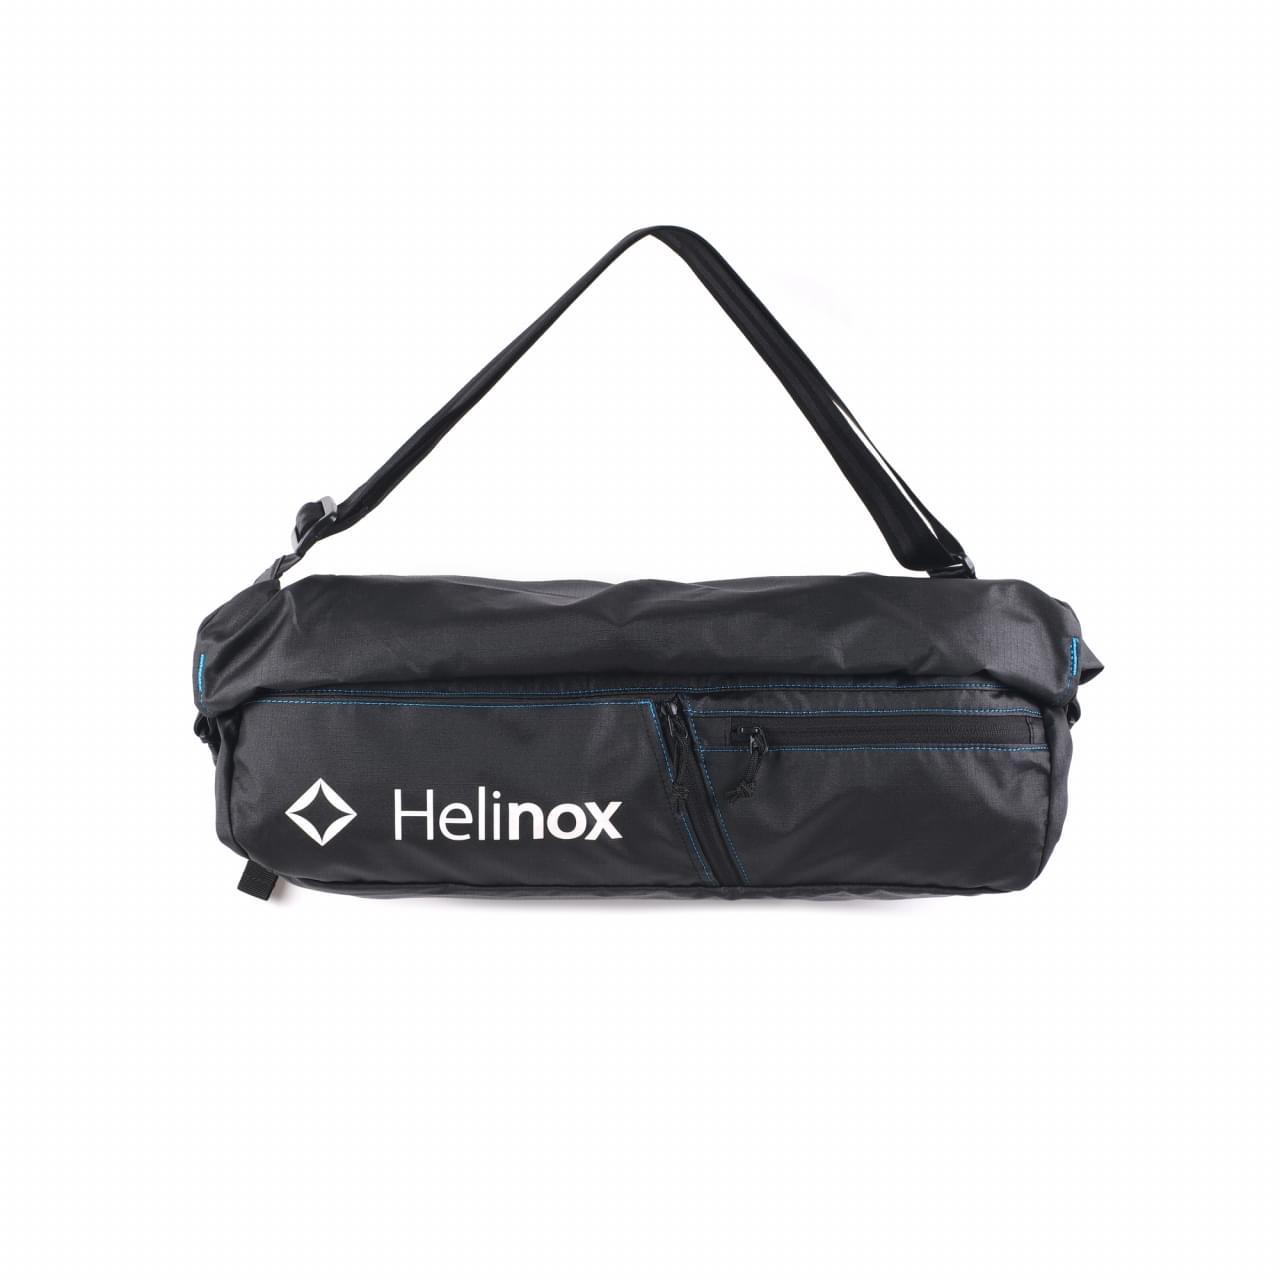 Helinox Sling Bag